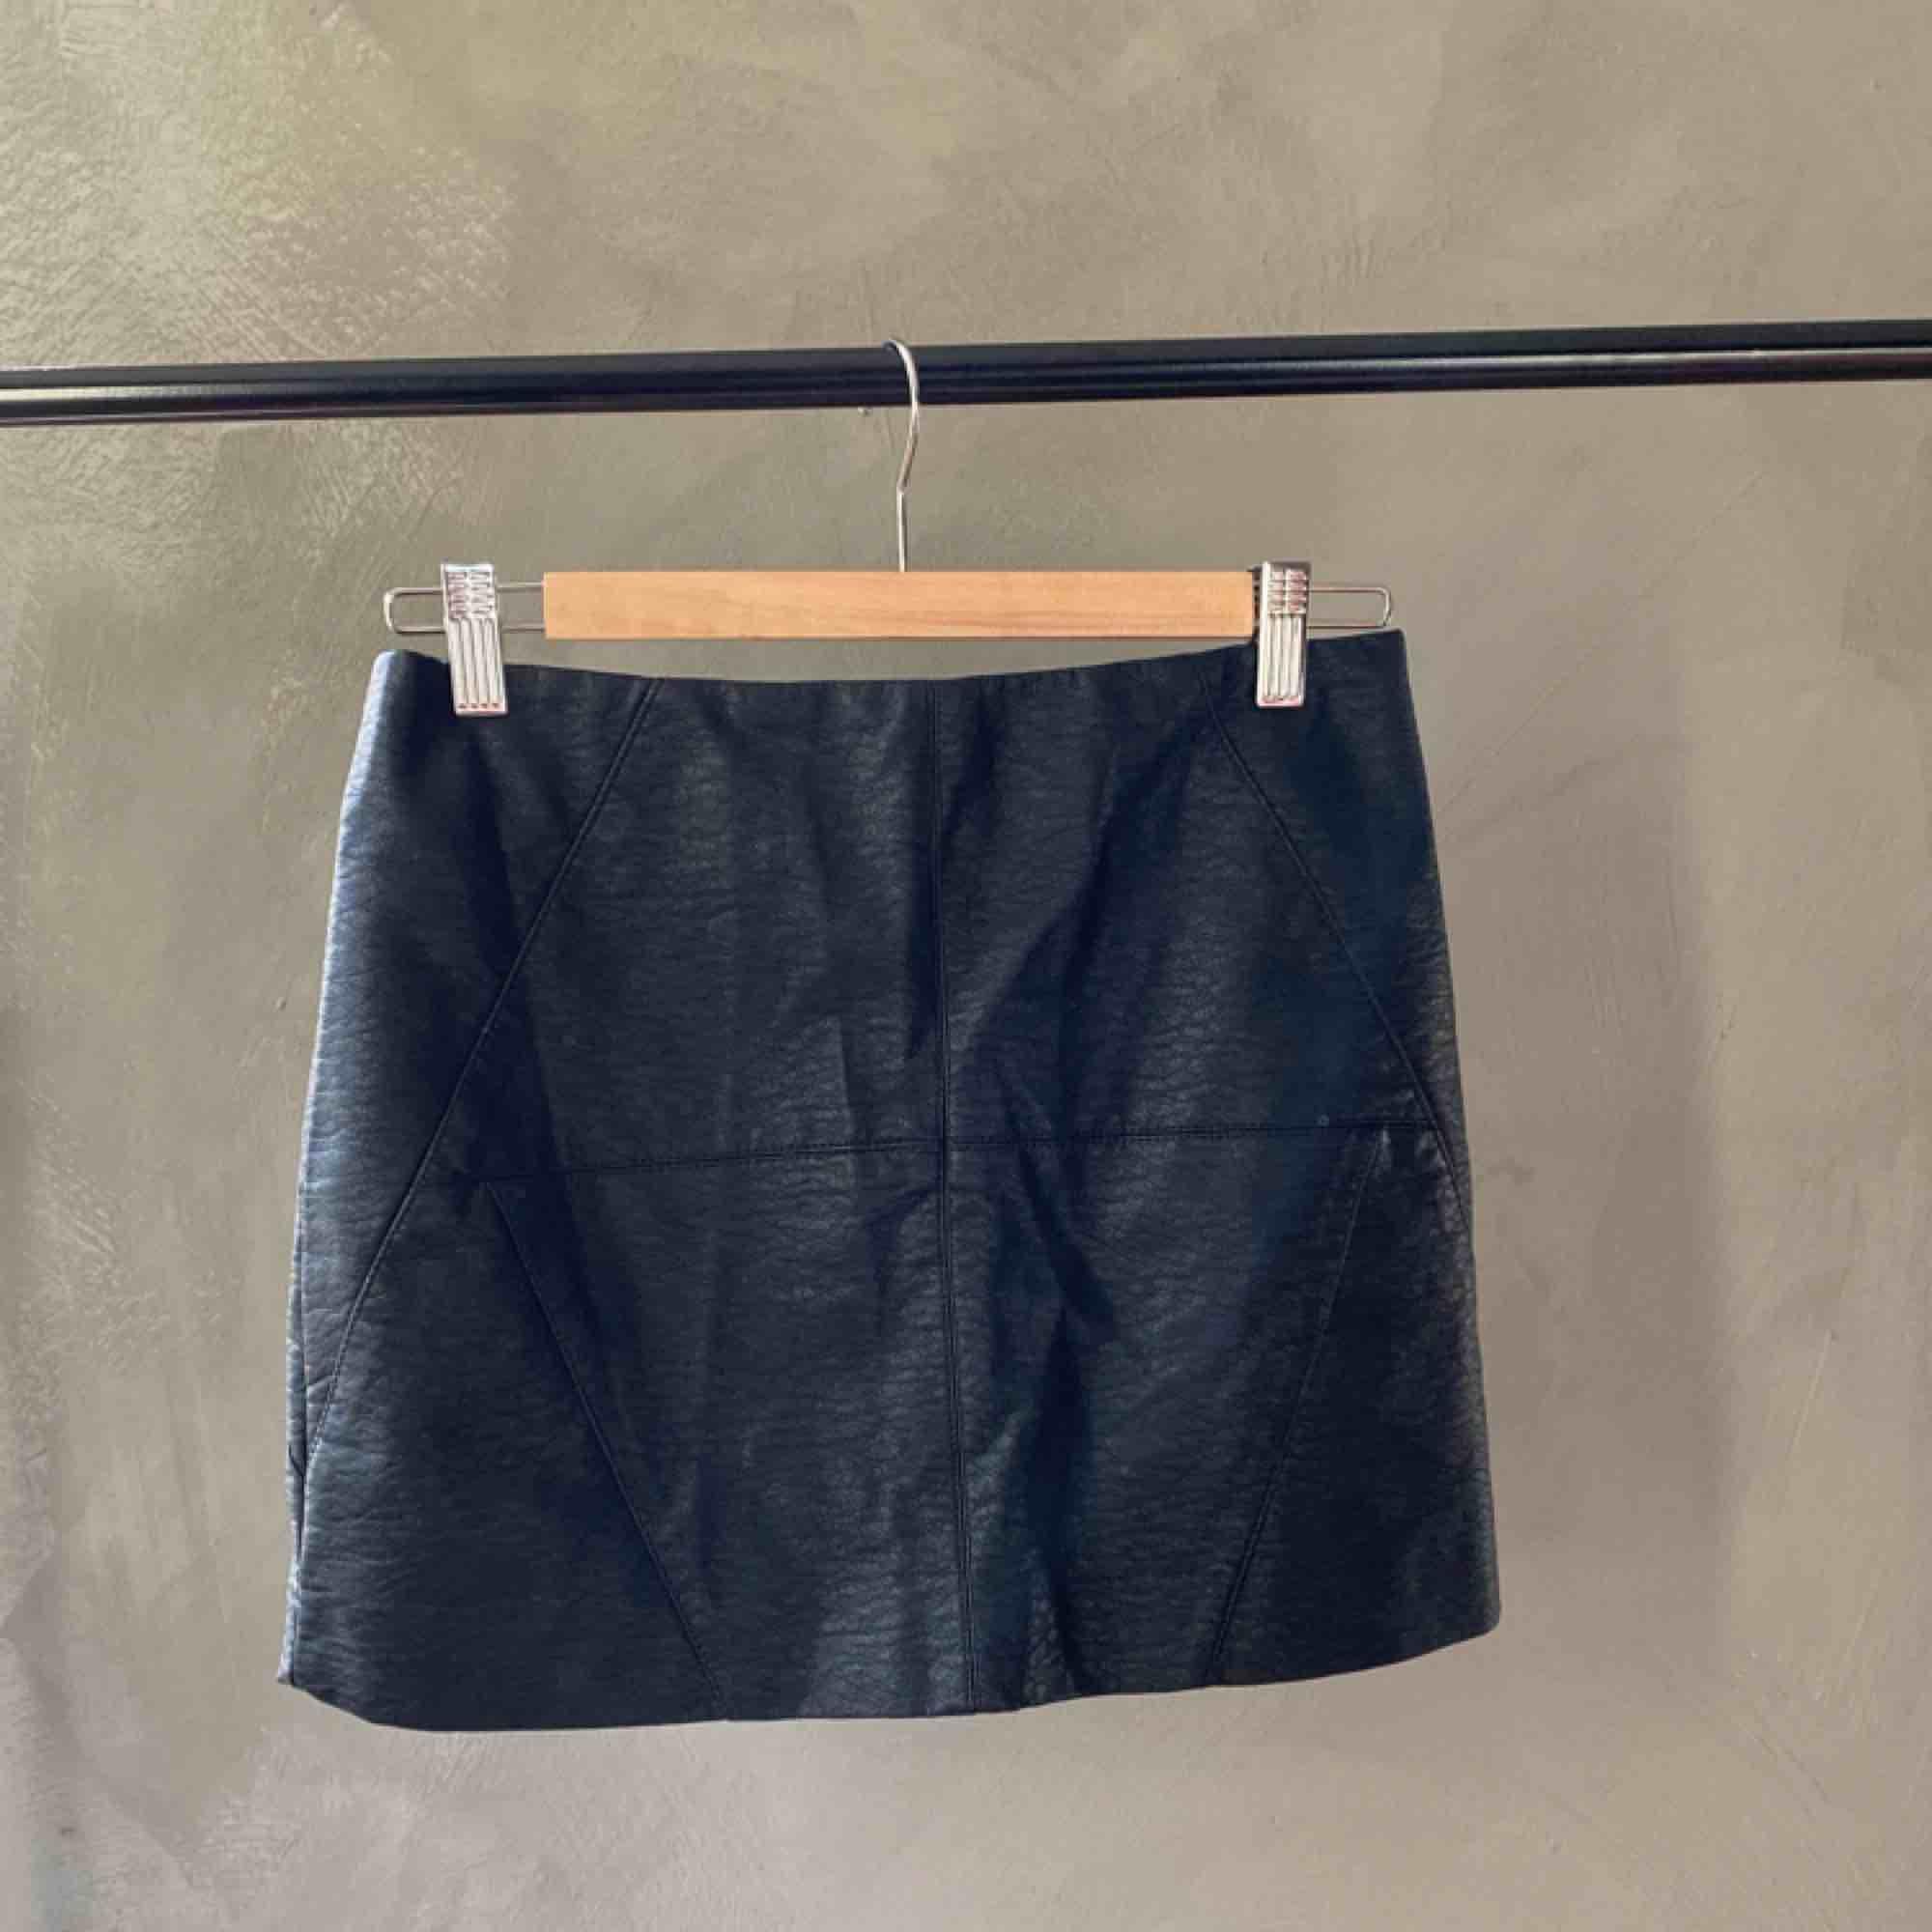 Kjol från H&M i skin-imitation med dragkedja bak. I mycket gott skick. Frakt betalas av köparen 📦 tar swish 💕. Kjolar.